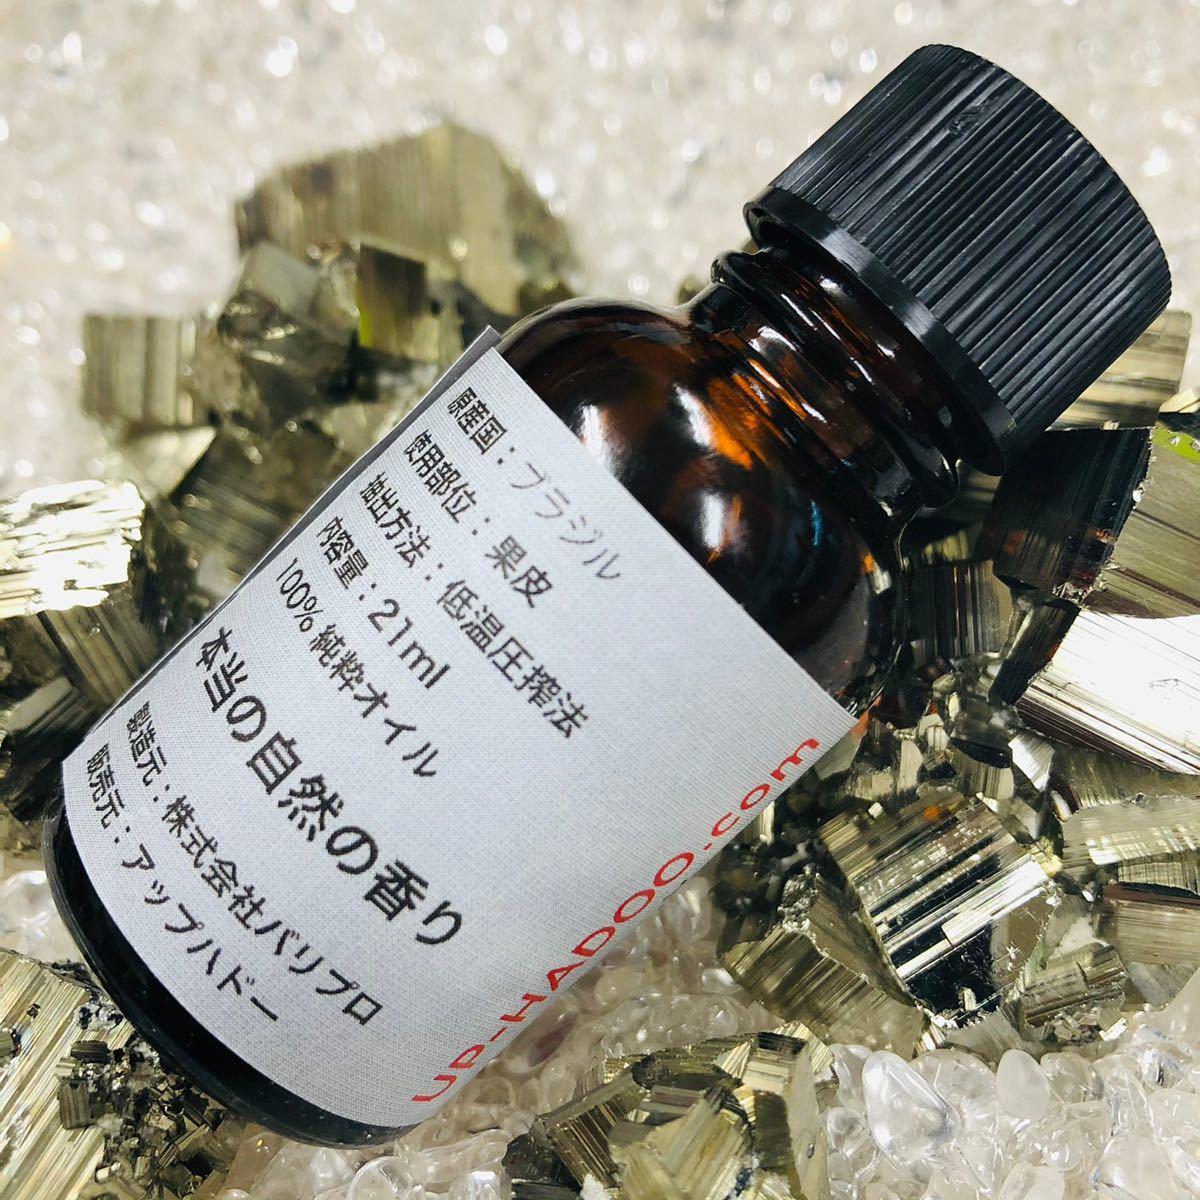 純粋オレンジスウィート 21ml エッセンシャルオイル ブラジル産 甘い香り UP HADOO 精油 アロマオイル